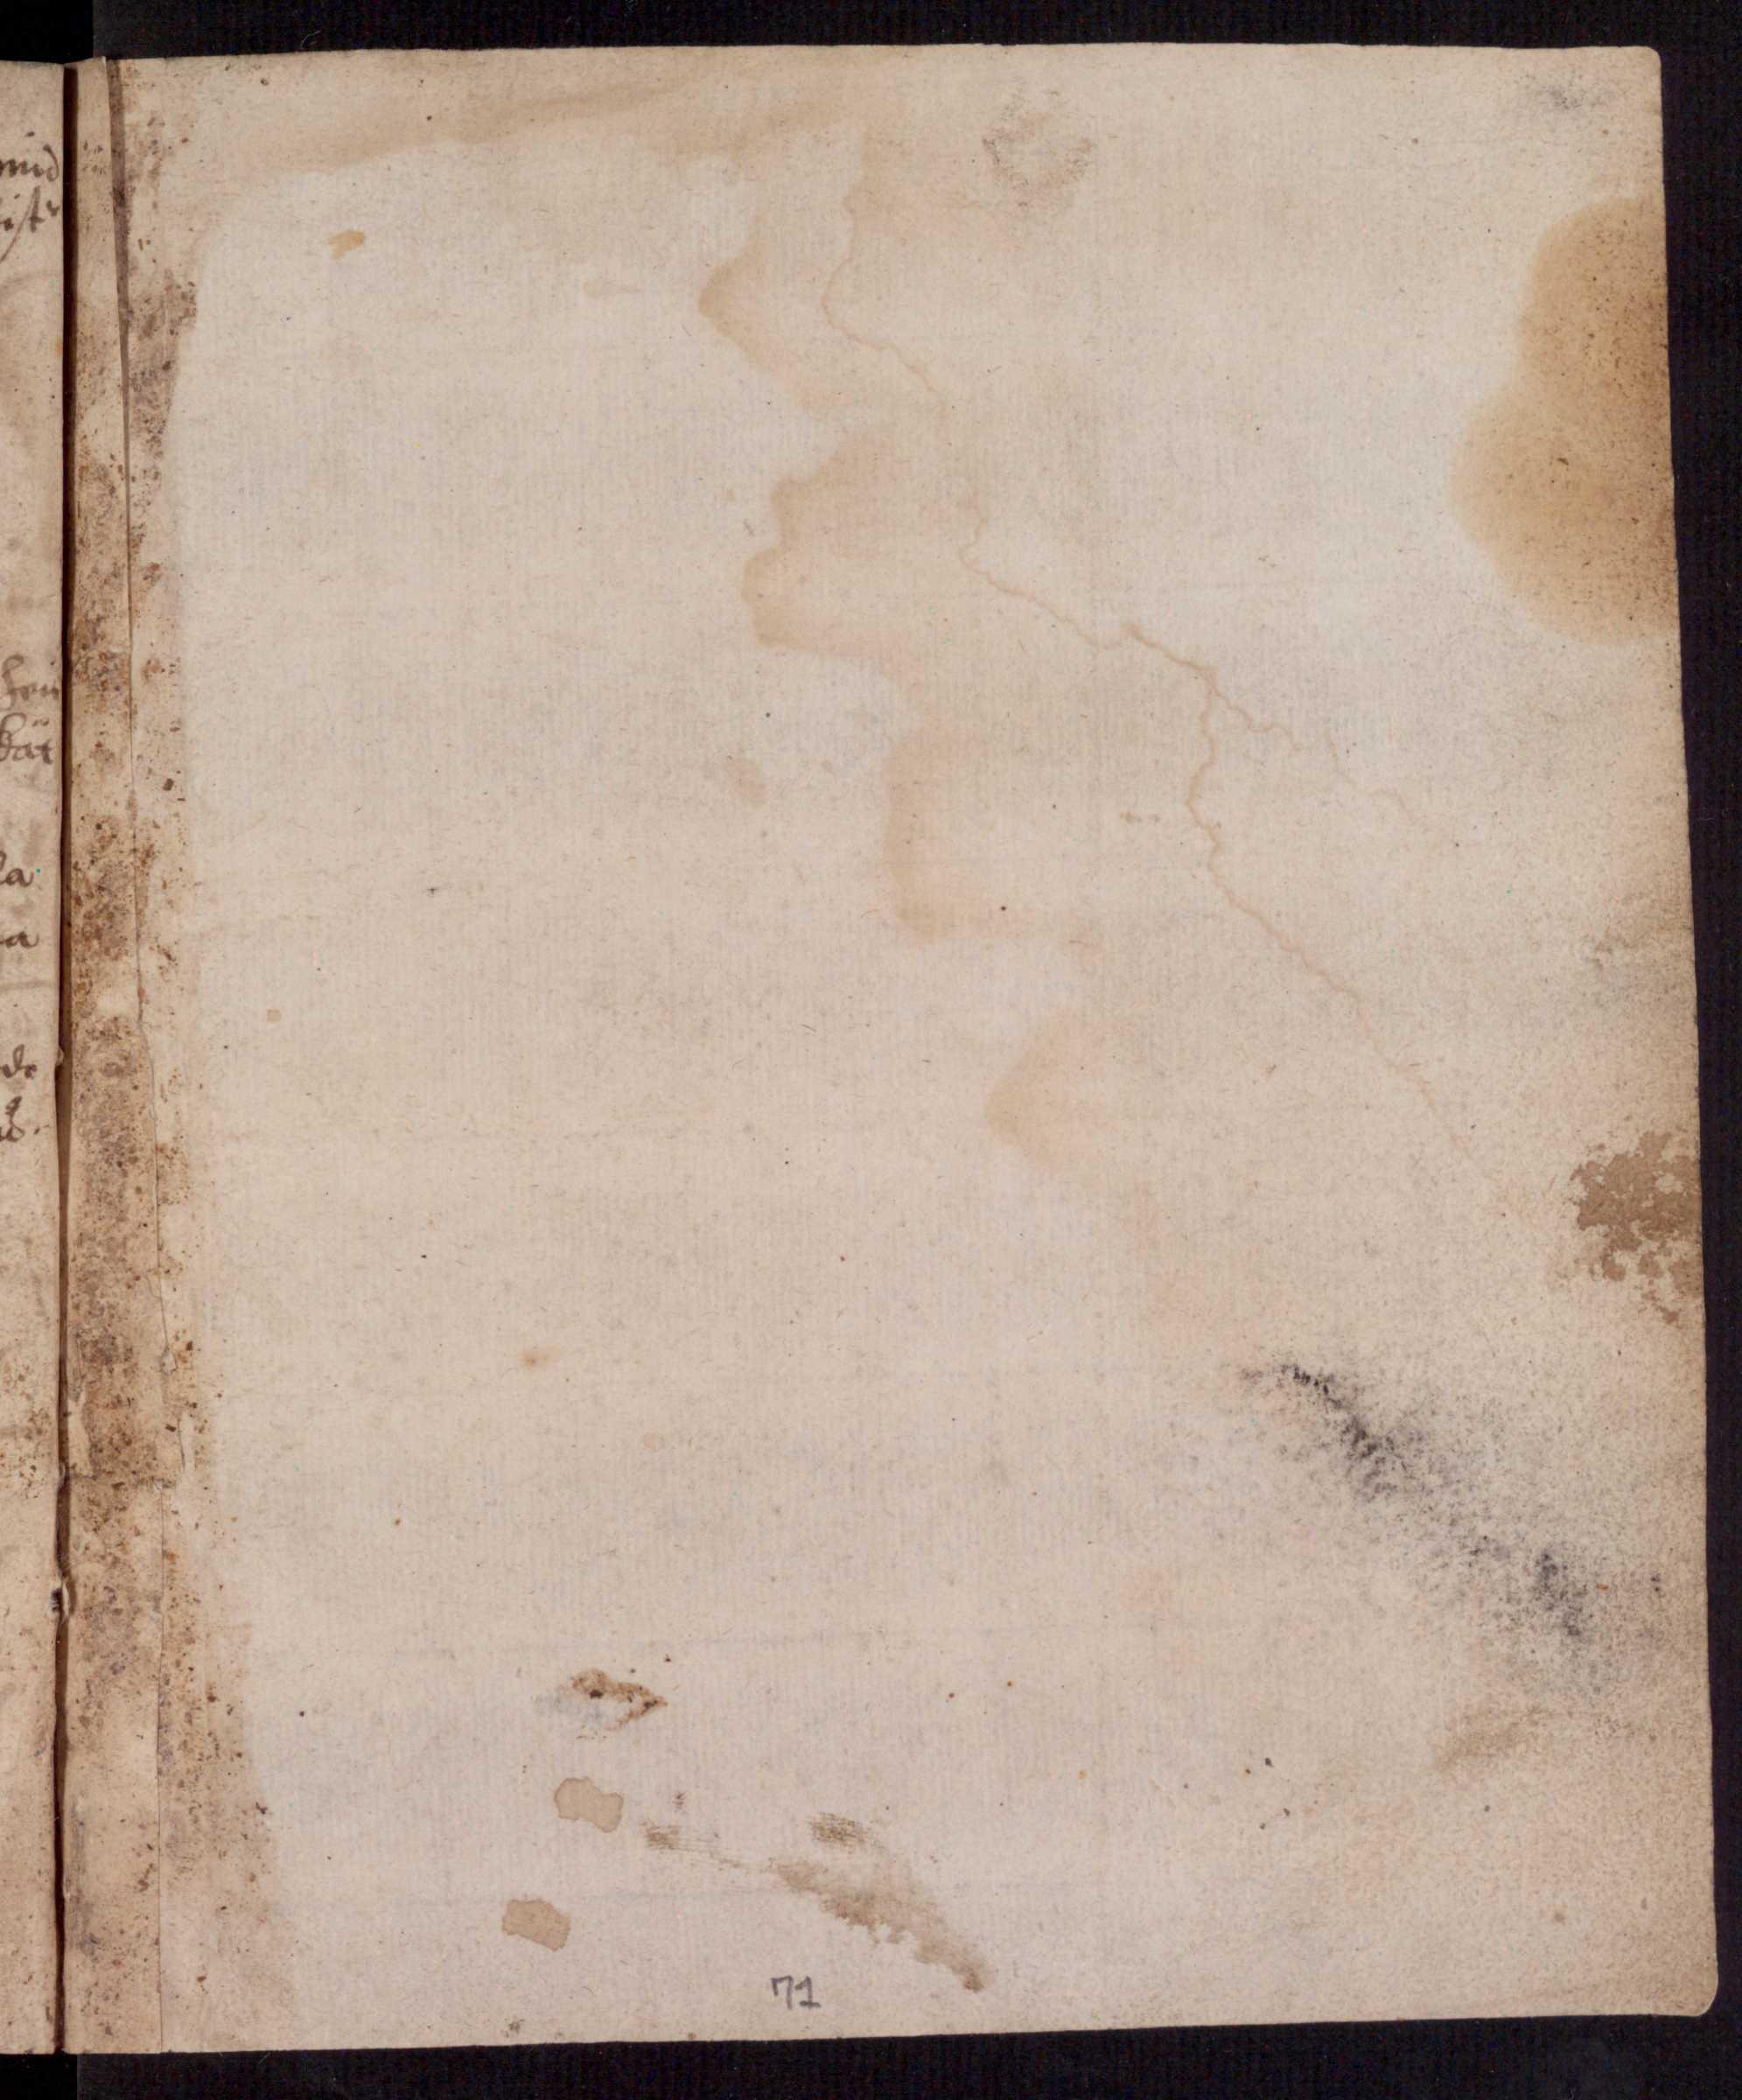 Lbs 1199 4° - 71r